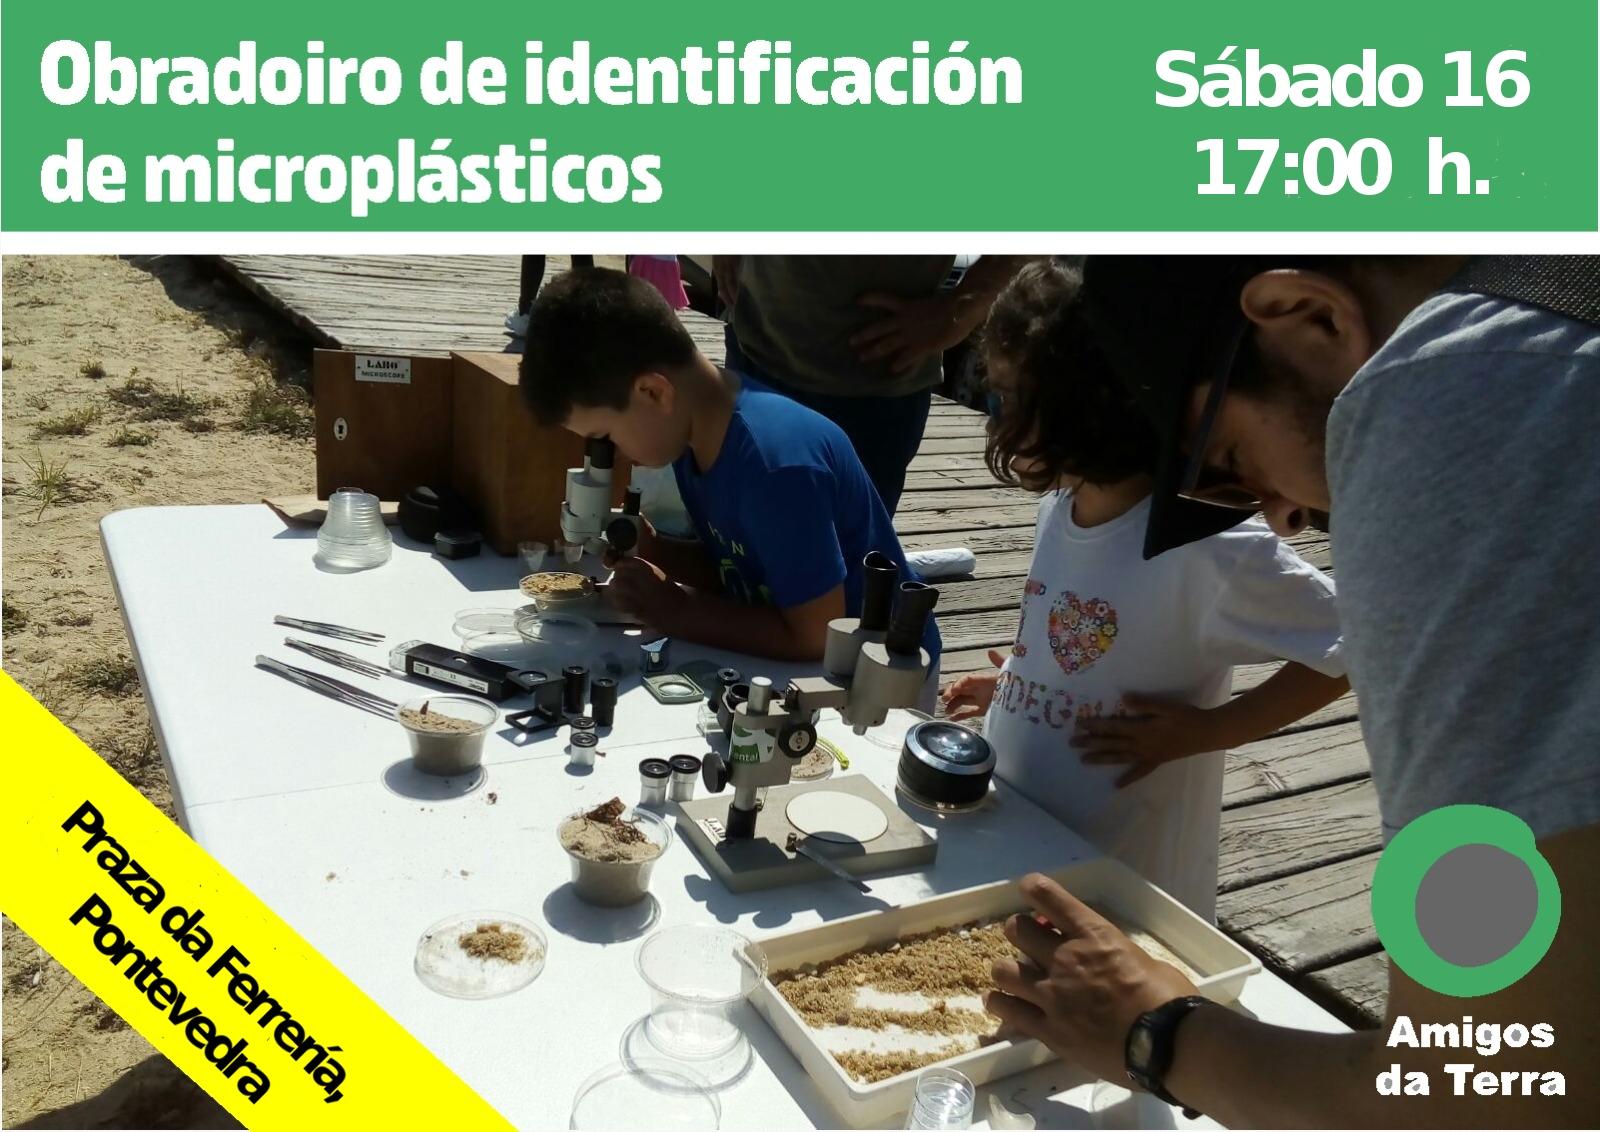 Ir a Galicia: Taller de identificación de microplásticos